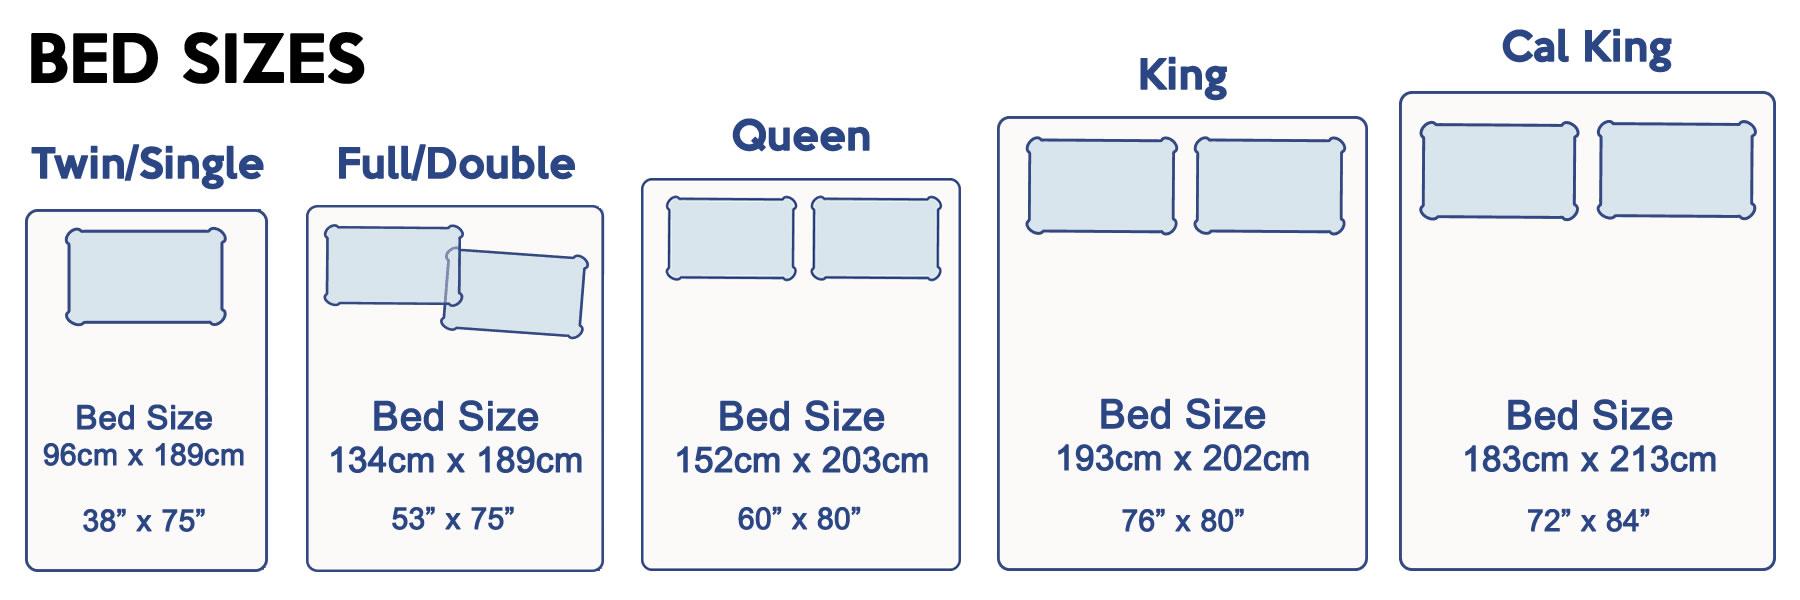 buy bed linen online canada